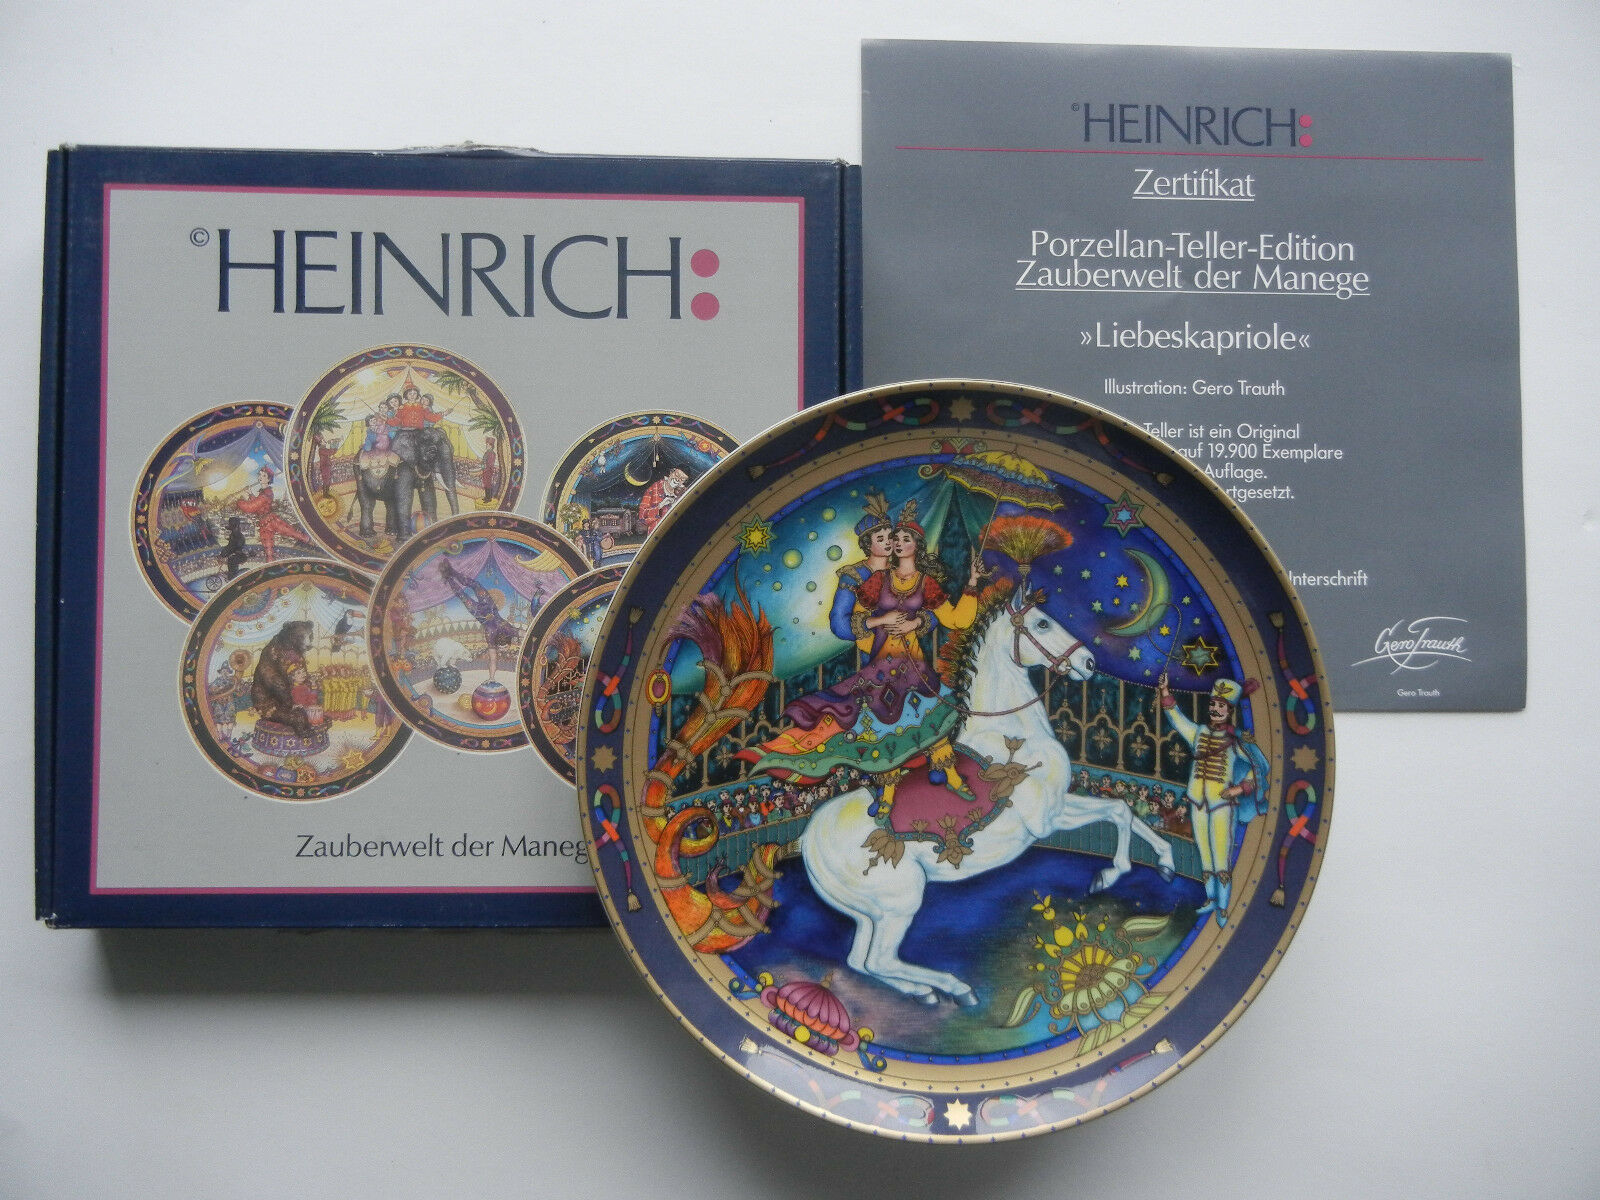 Heinrich Zauberwelt, 4  liebeskapriole + emballage d'origine (Mon article-no.